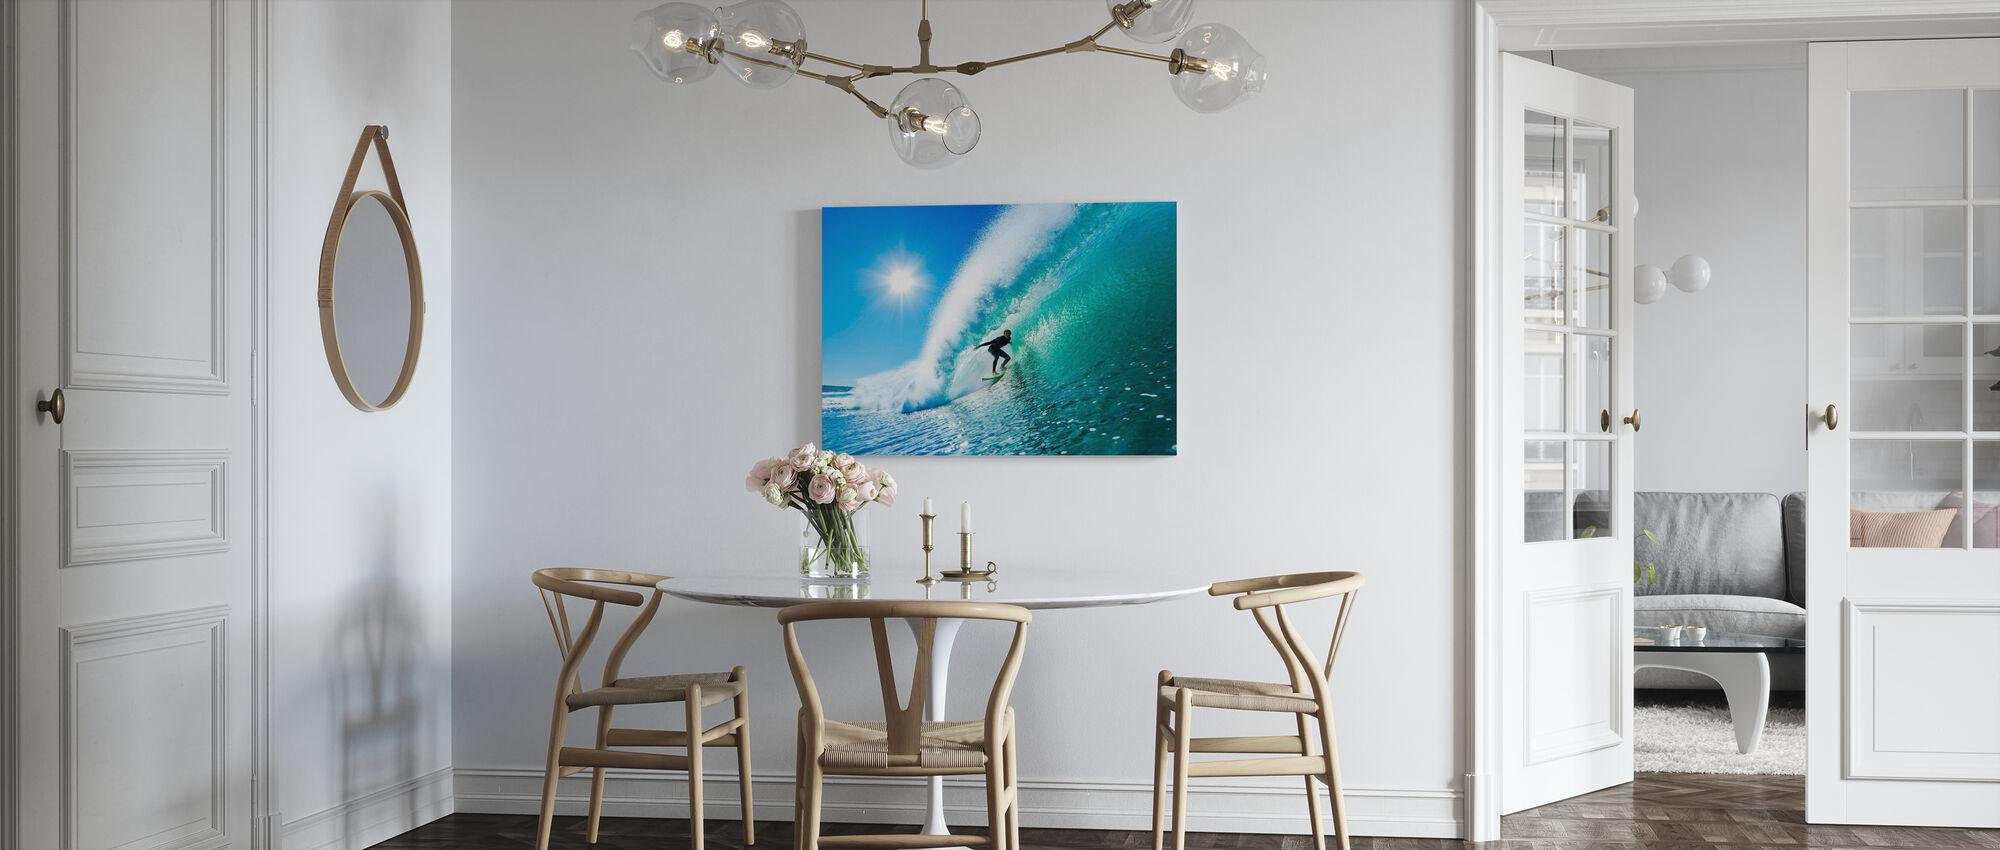 Surfing - Billede på lærred - Køkken